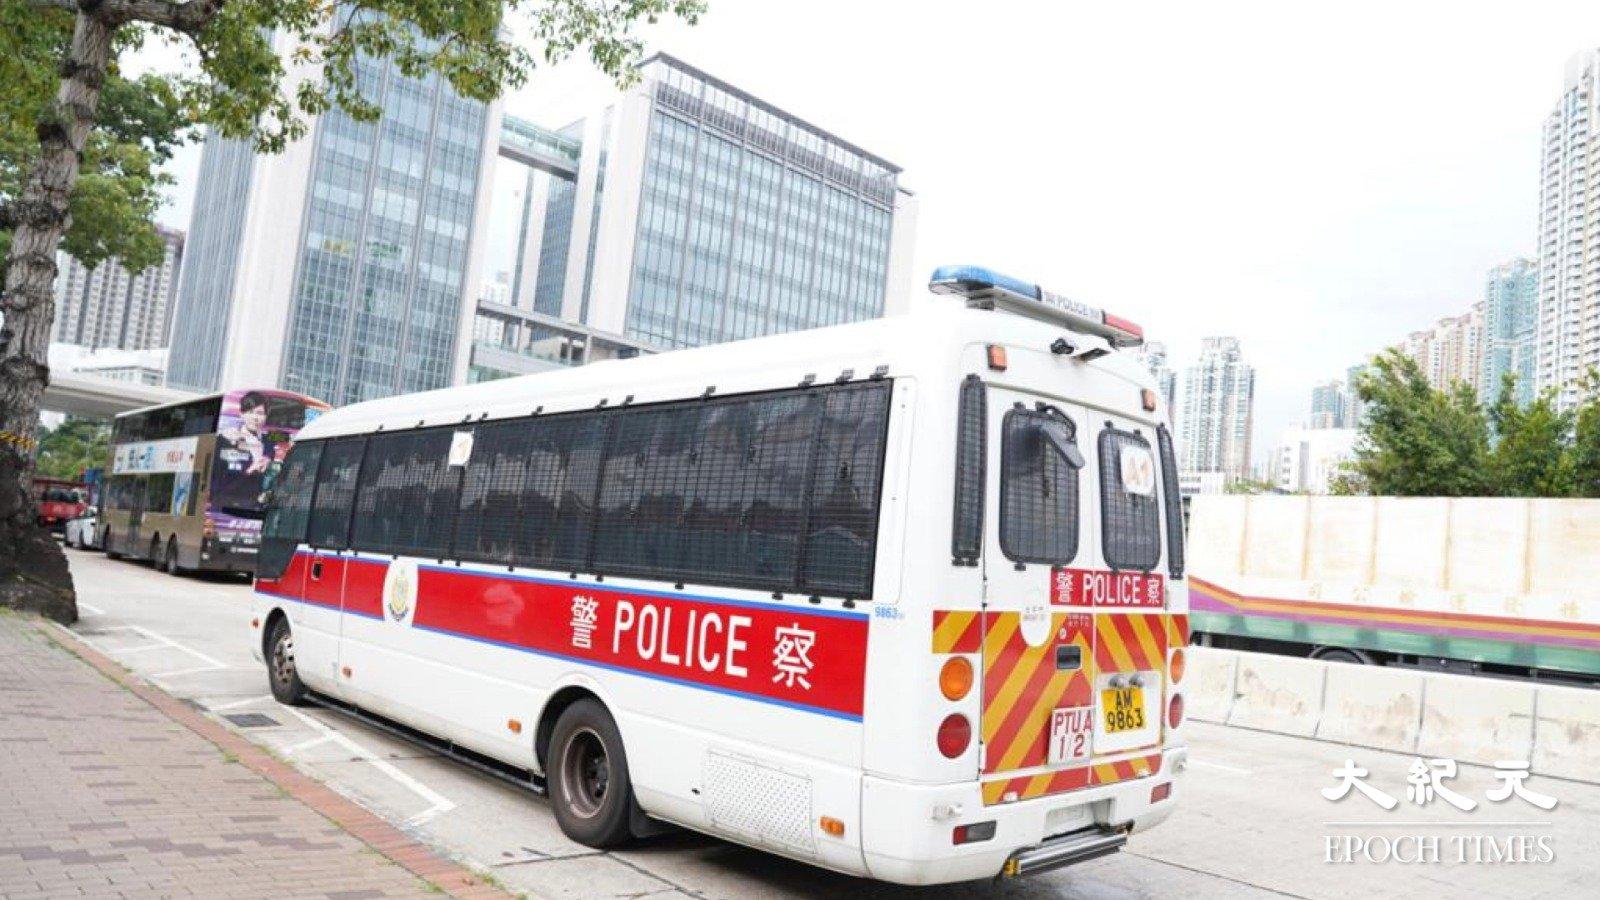 法院今裁定鍾翰林不准保釋,現場警車及便衣戒備。(余鋼/大紀元)